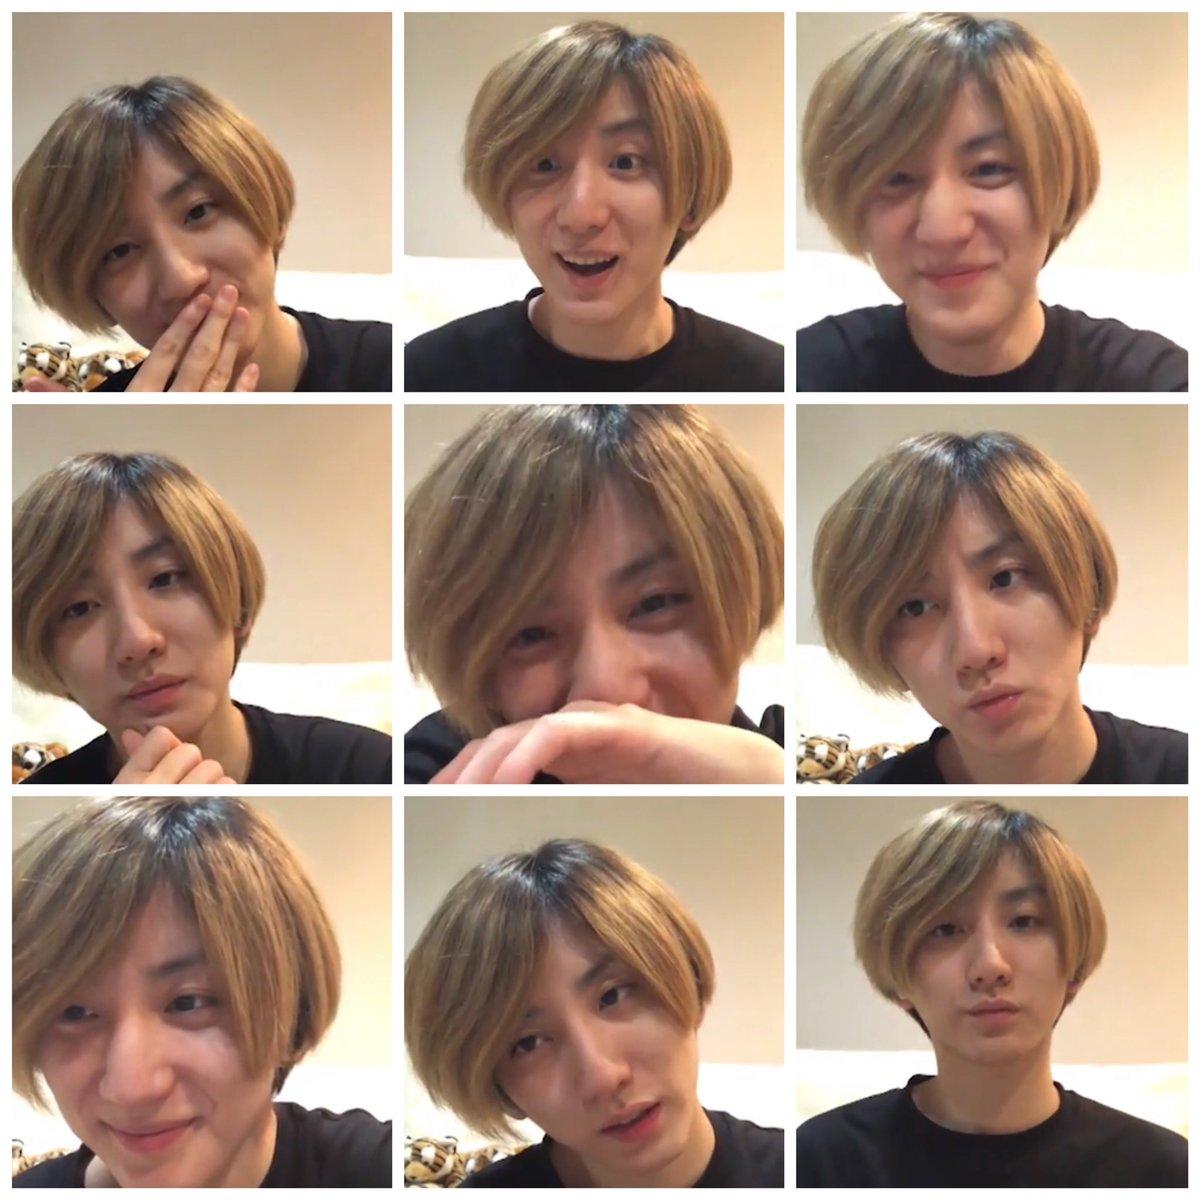 🐯京本大我スマイルアップ9変化🐯  5分間で、表情コロコロ変えて☺️💕  #SmileUpProject #SixTONES # 京本大我...